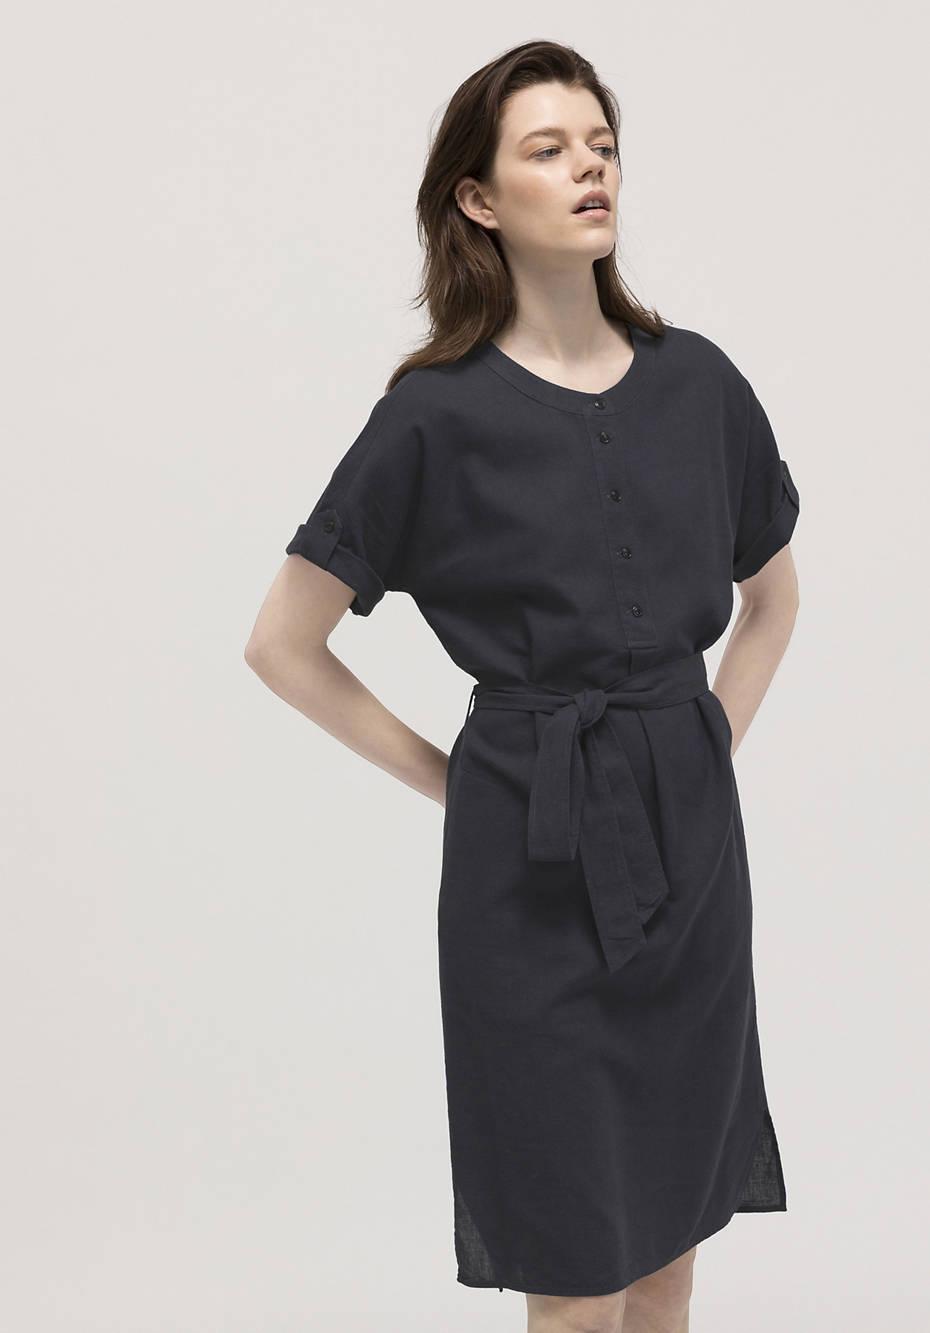 Hemp dress with organic cotton